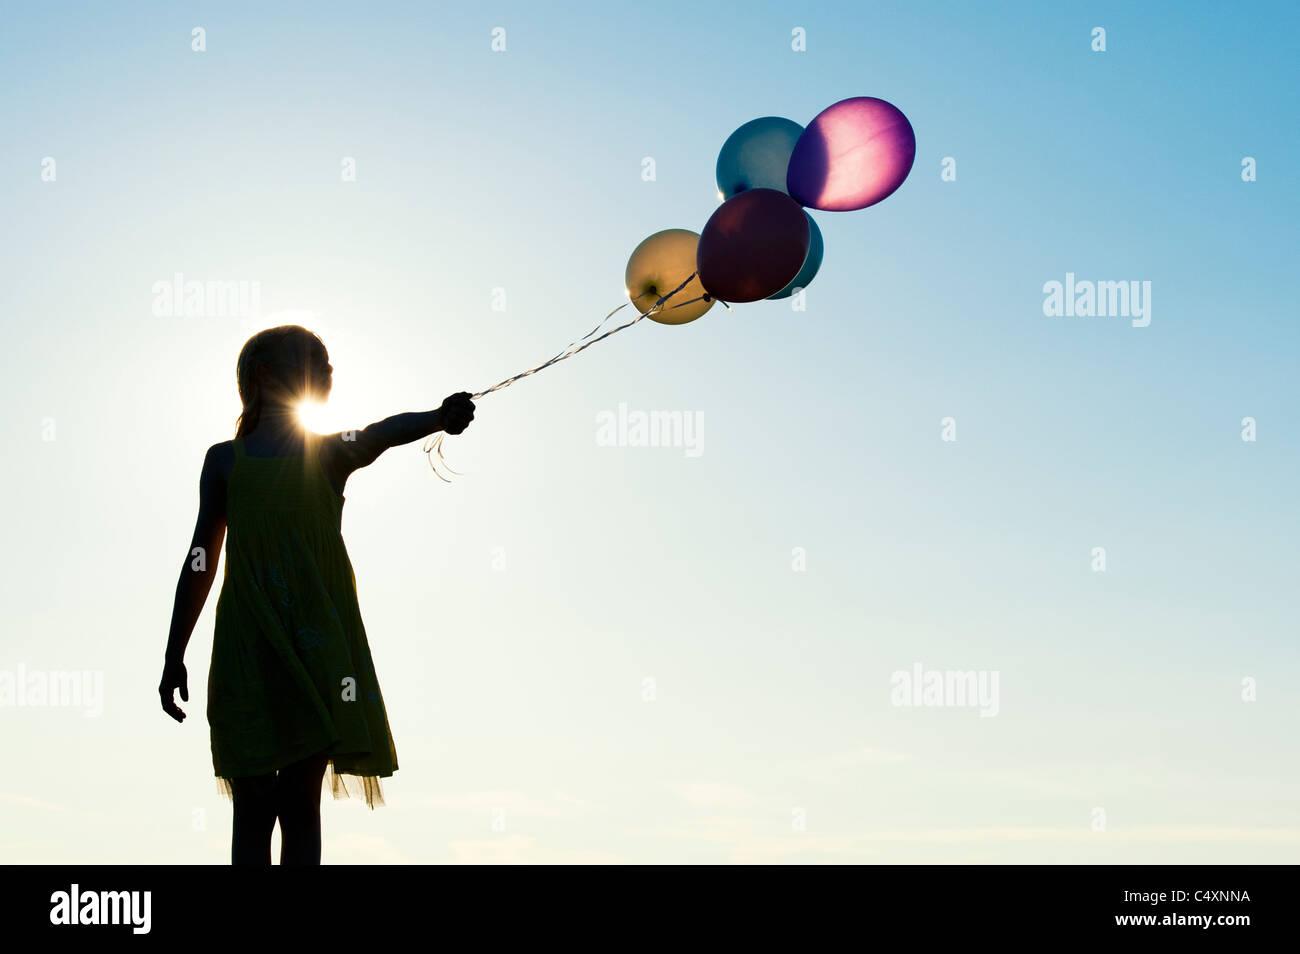 Silueta de una joven chica sujetando globos de colores al atardecer Imagen De Stock